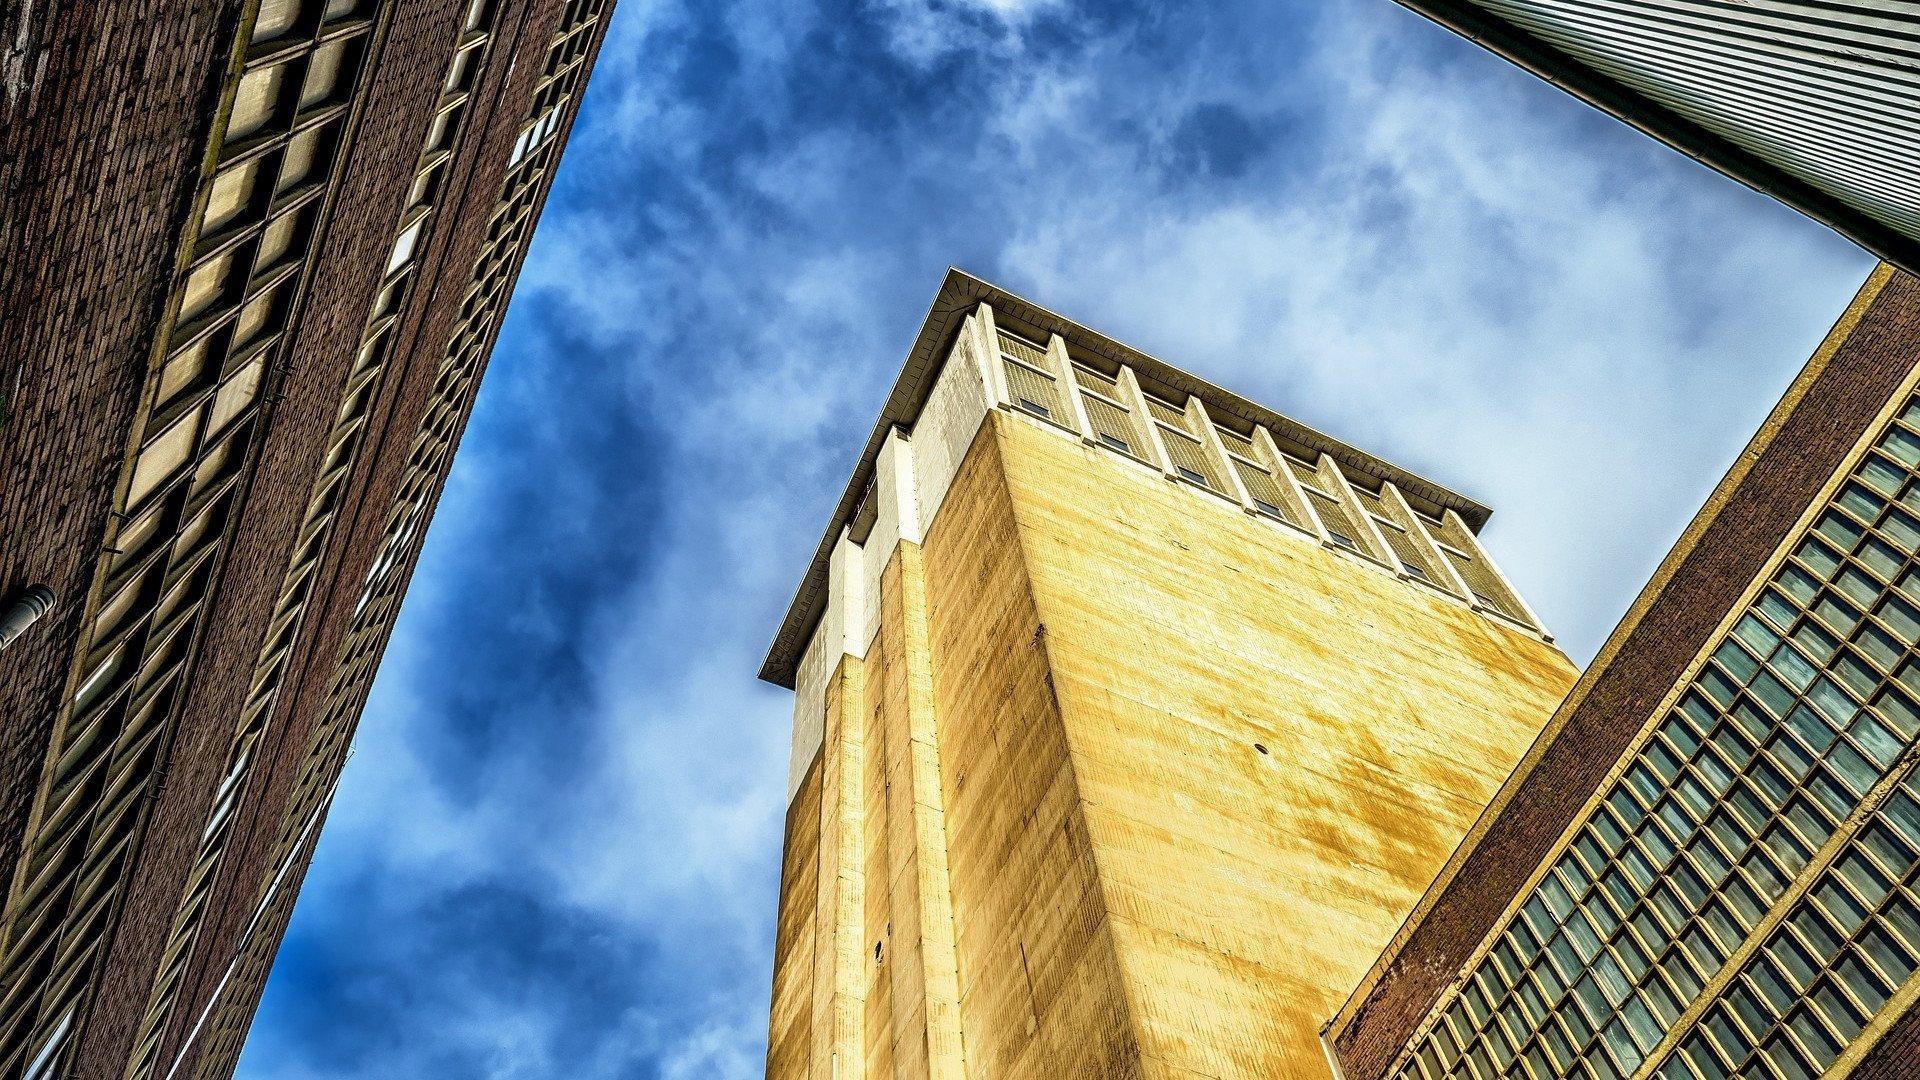 Pourquoi la nacelle sera-t-elle indispensable pour la rénovation de votre toiture